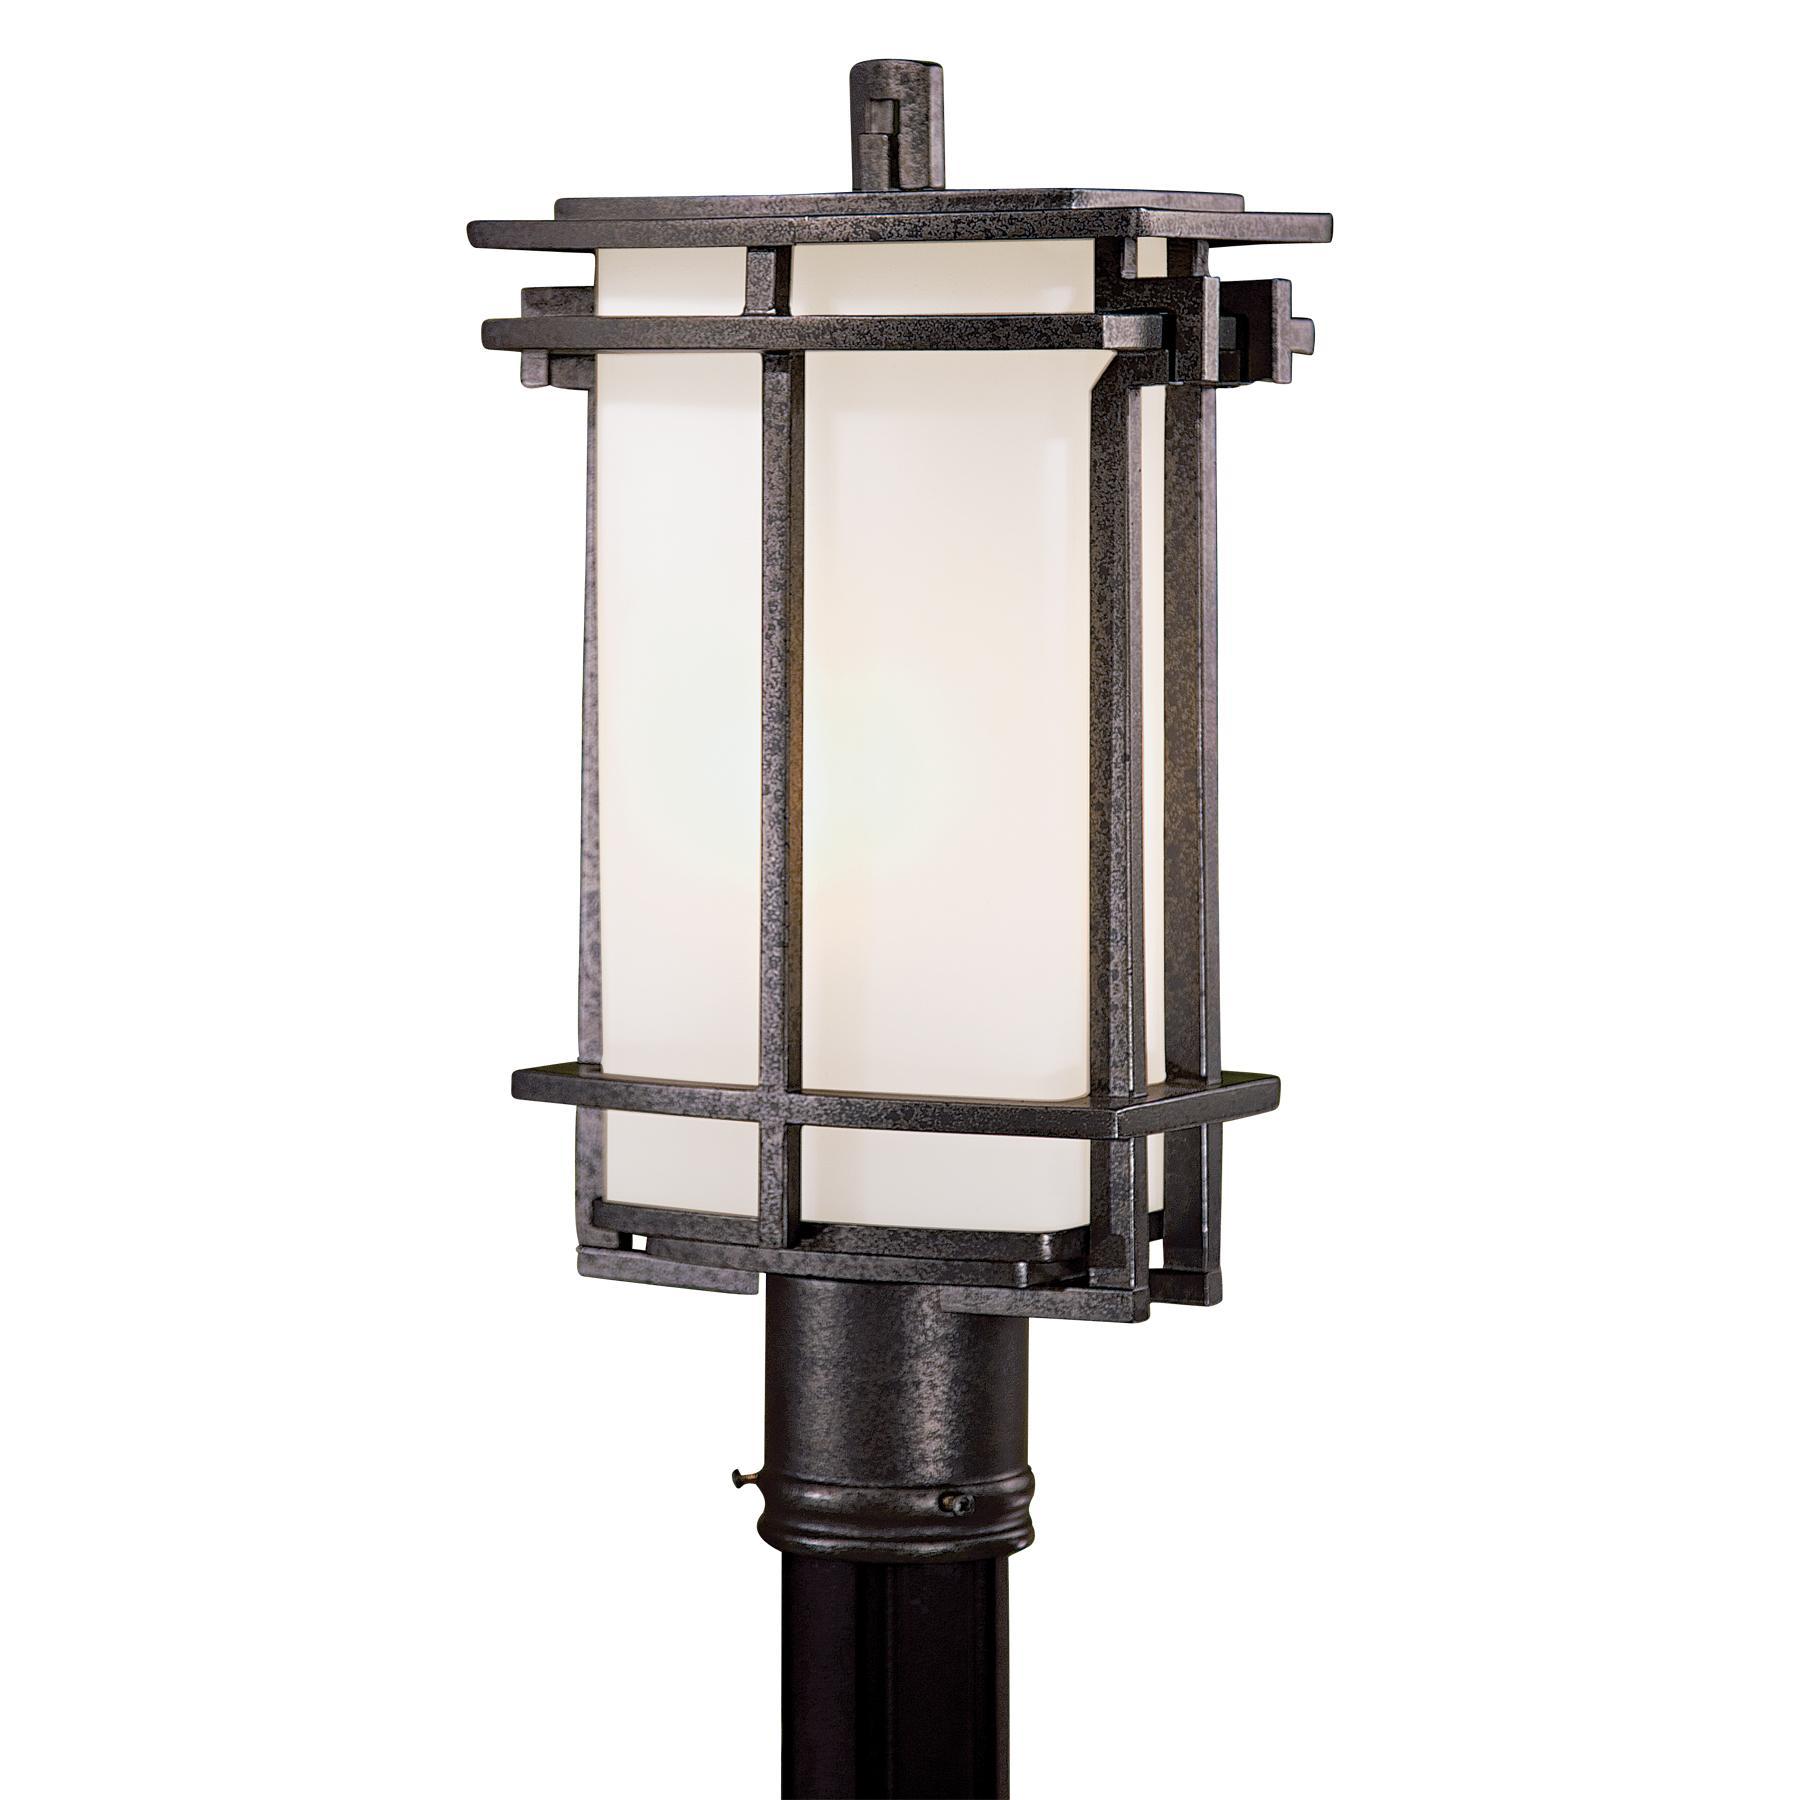 Japanese Style Lighting Lugarno Square Series